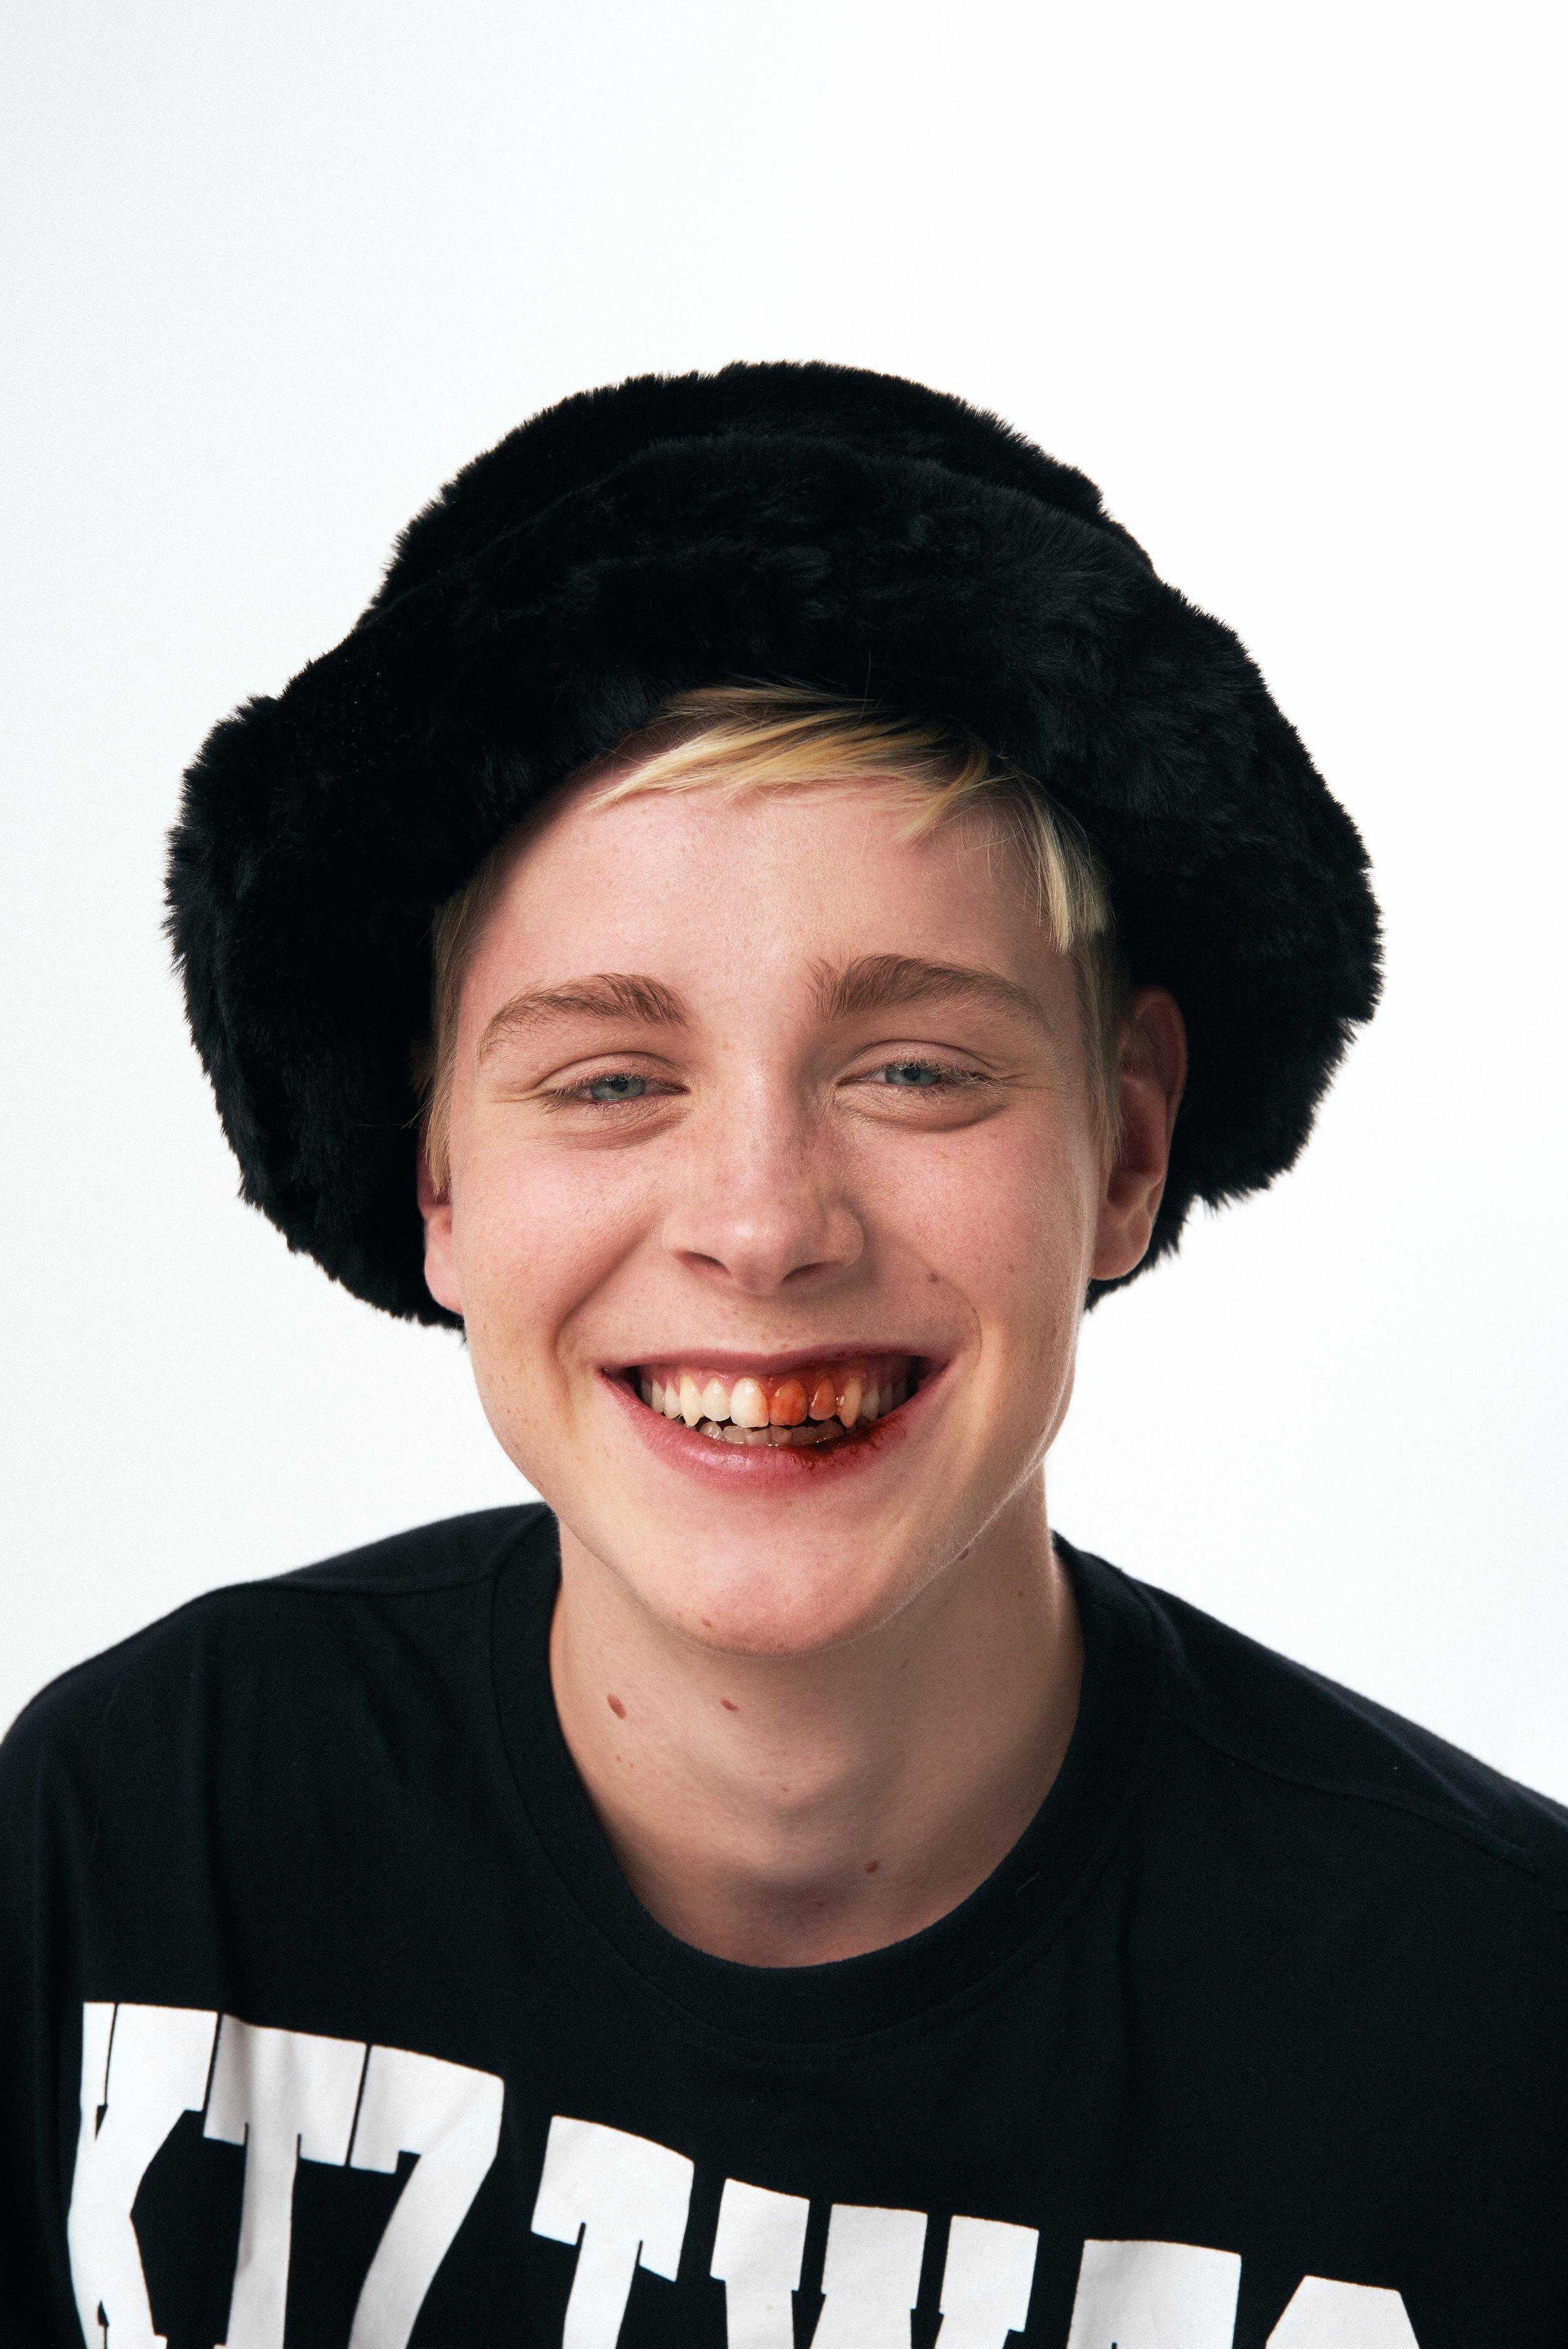 Playera de  KTZ , pantalón de  MARQUES ' ALMEIDA  y sombrero de  EMMA BREWIN.